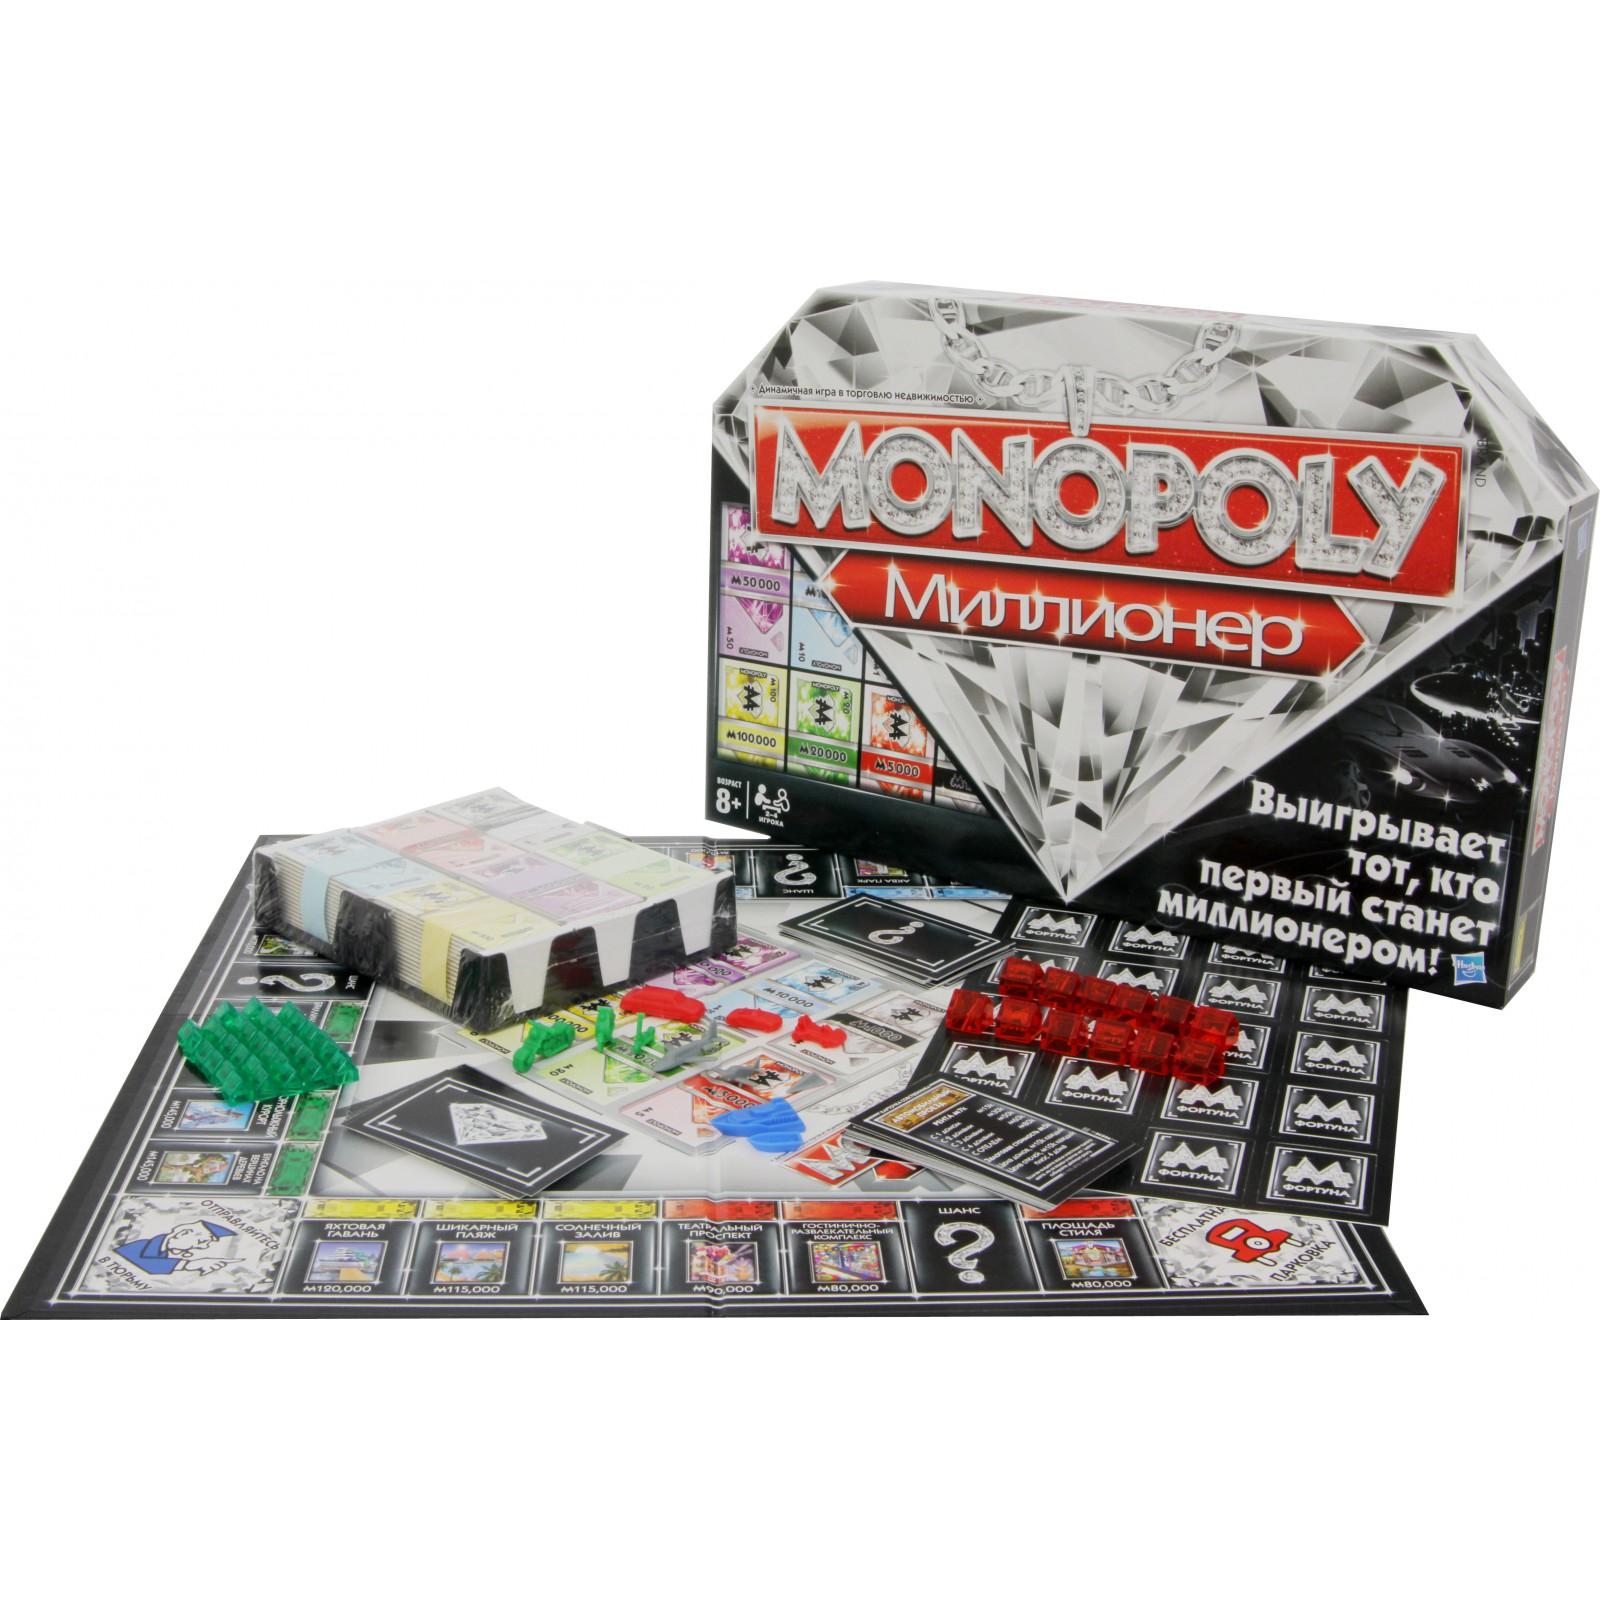 Настольная игра Hasbro Монополия Миллионер руский язык (98838) изображение 3